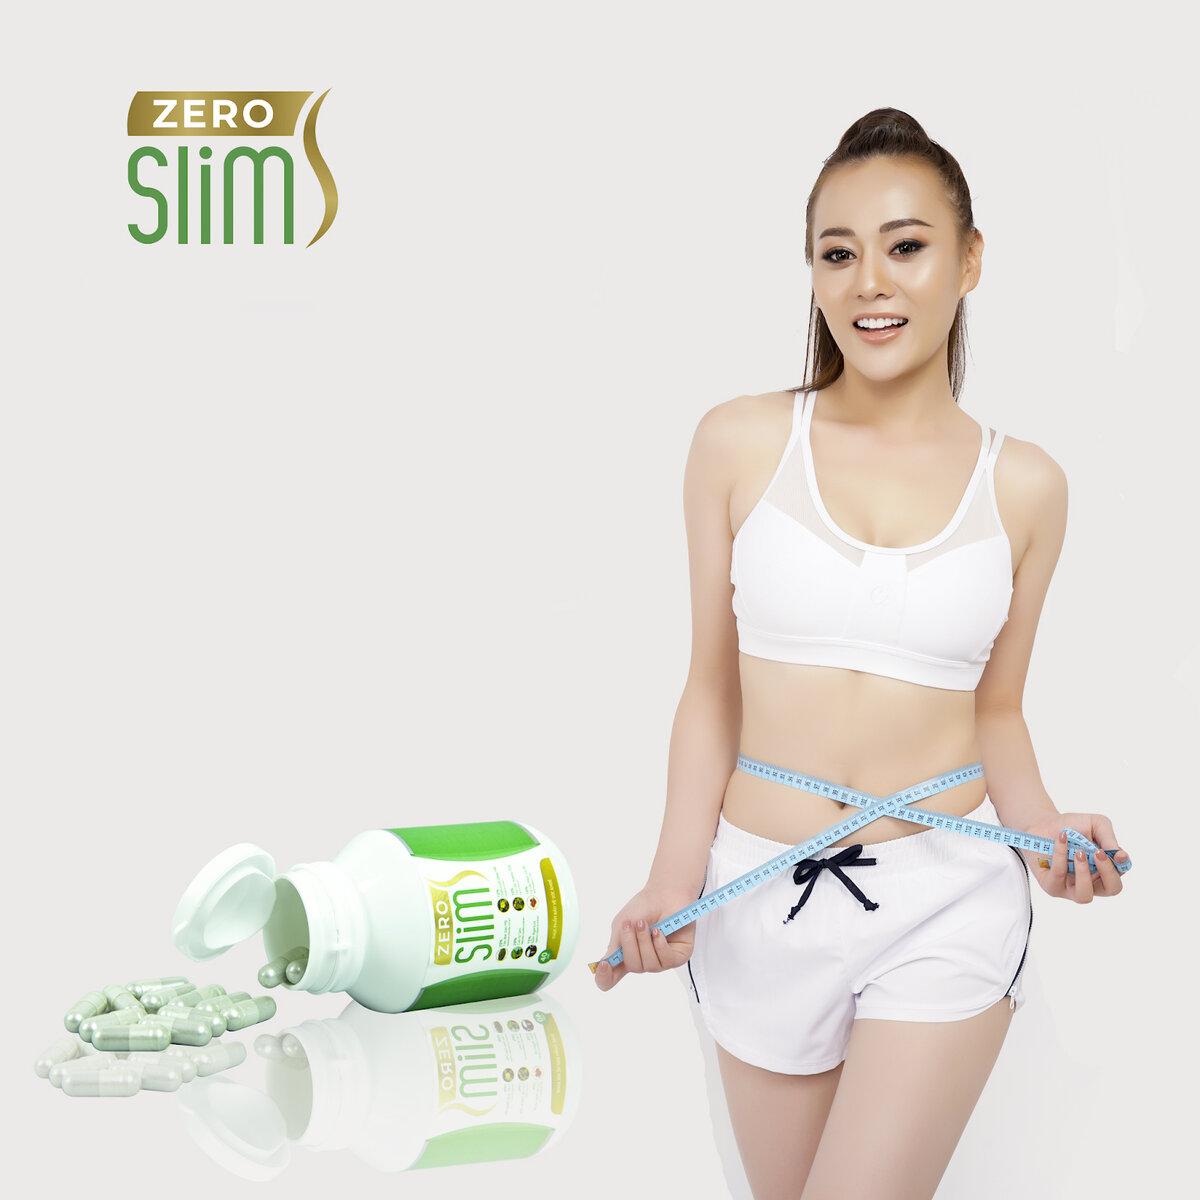 Реклама Нового Средства Для Похудения.